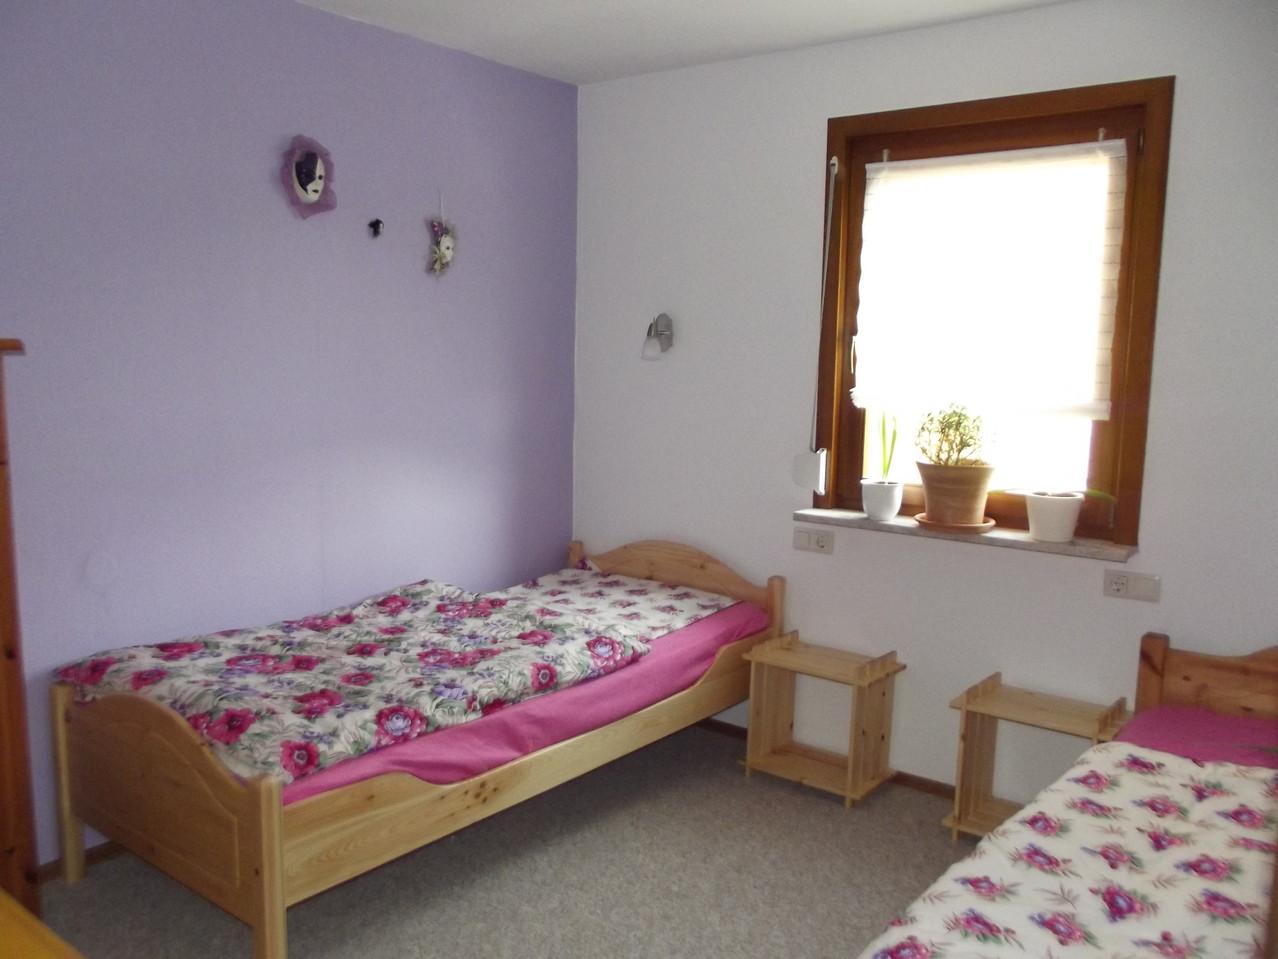 Hauptwohnung Parterre:  2. Schlafzimmer